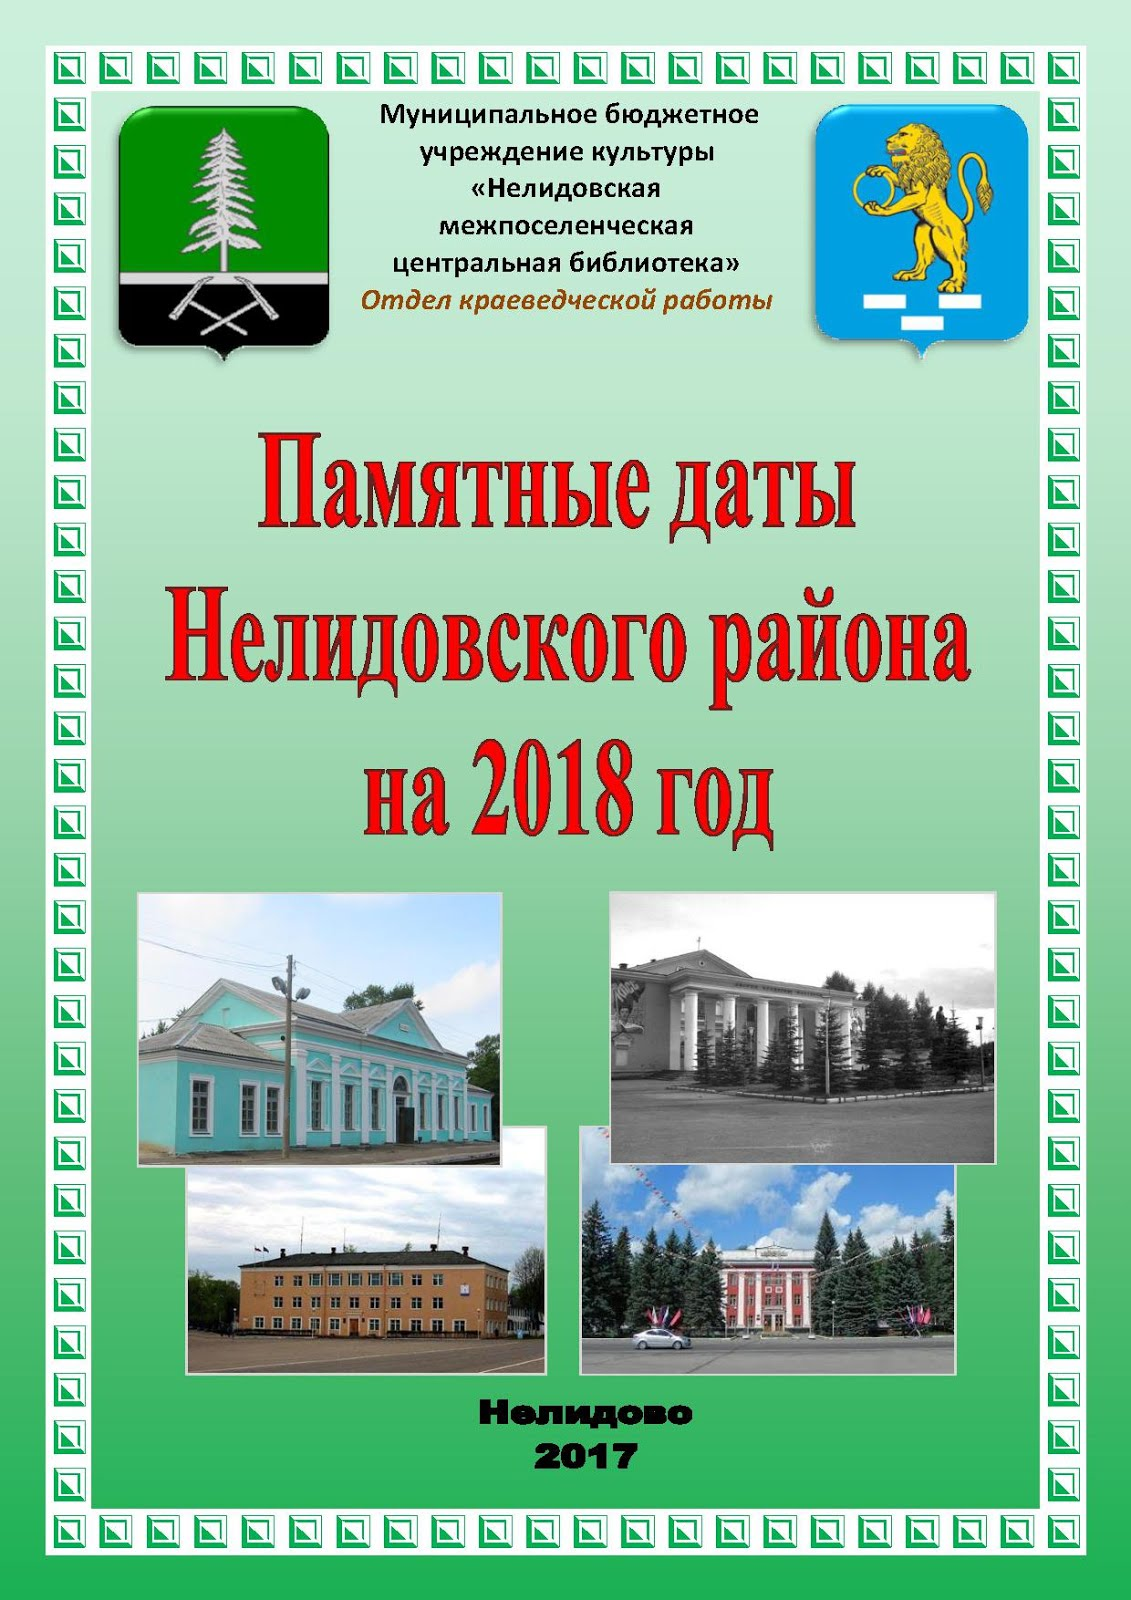 Памятные даты Нелидовского района на 2018 год